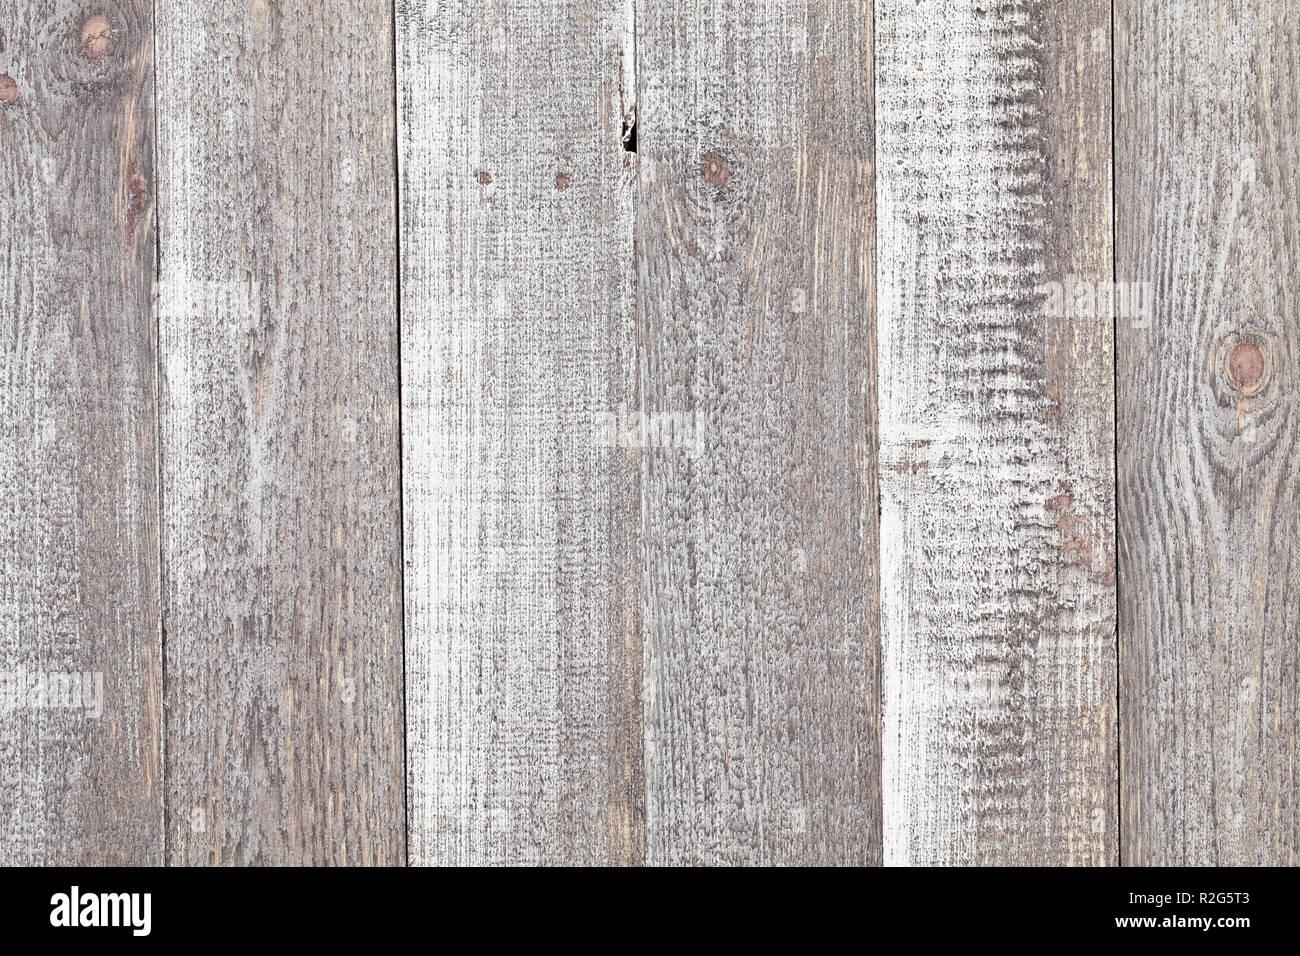 Vintage verniciato di colore grigio a liquido vecchio rustico in legno  doghe orizzontali texture di muro di sfondo. Sbiadita legno naturale scheda  Struttura ... 0c70f989020f